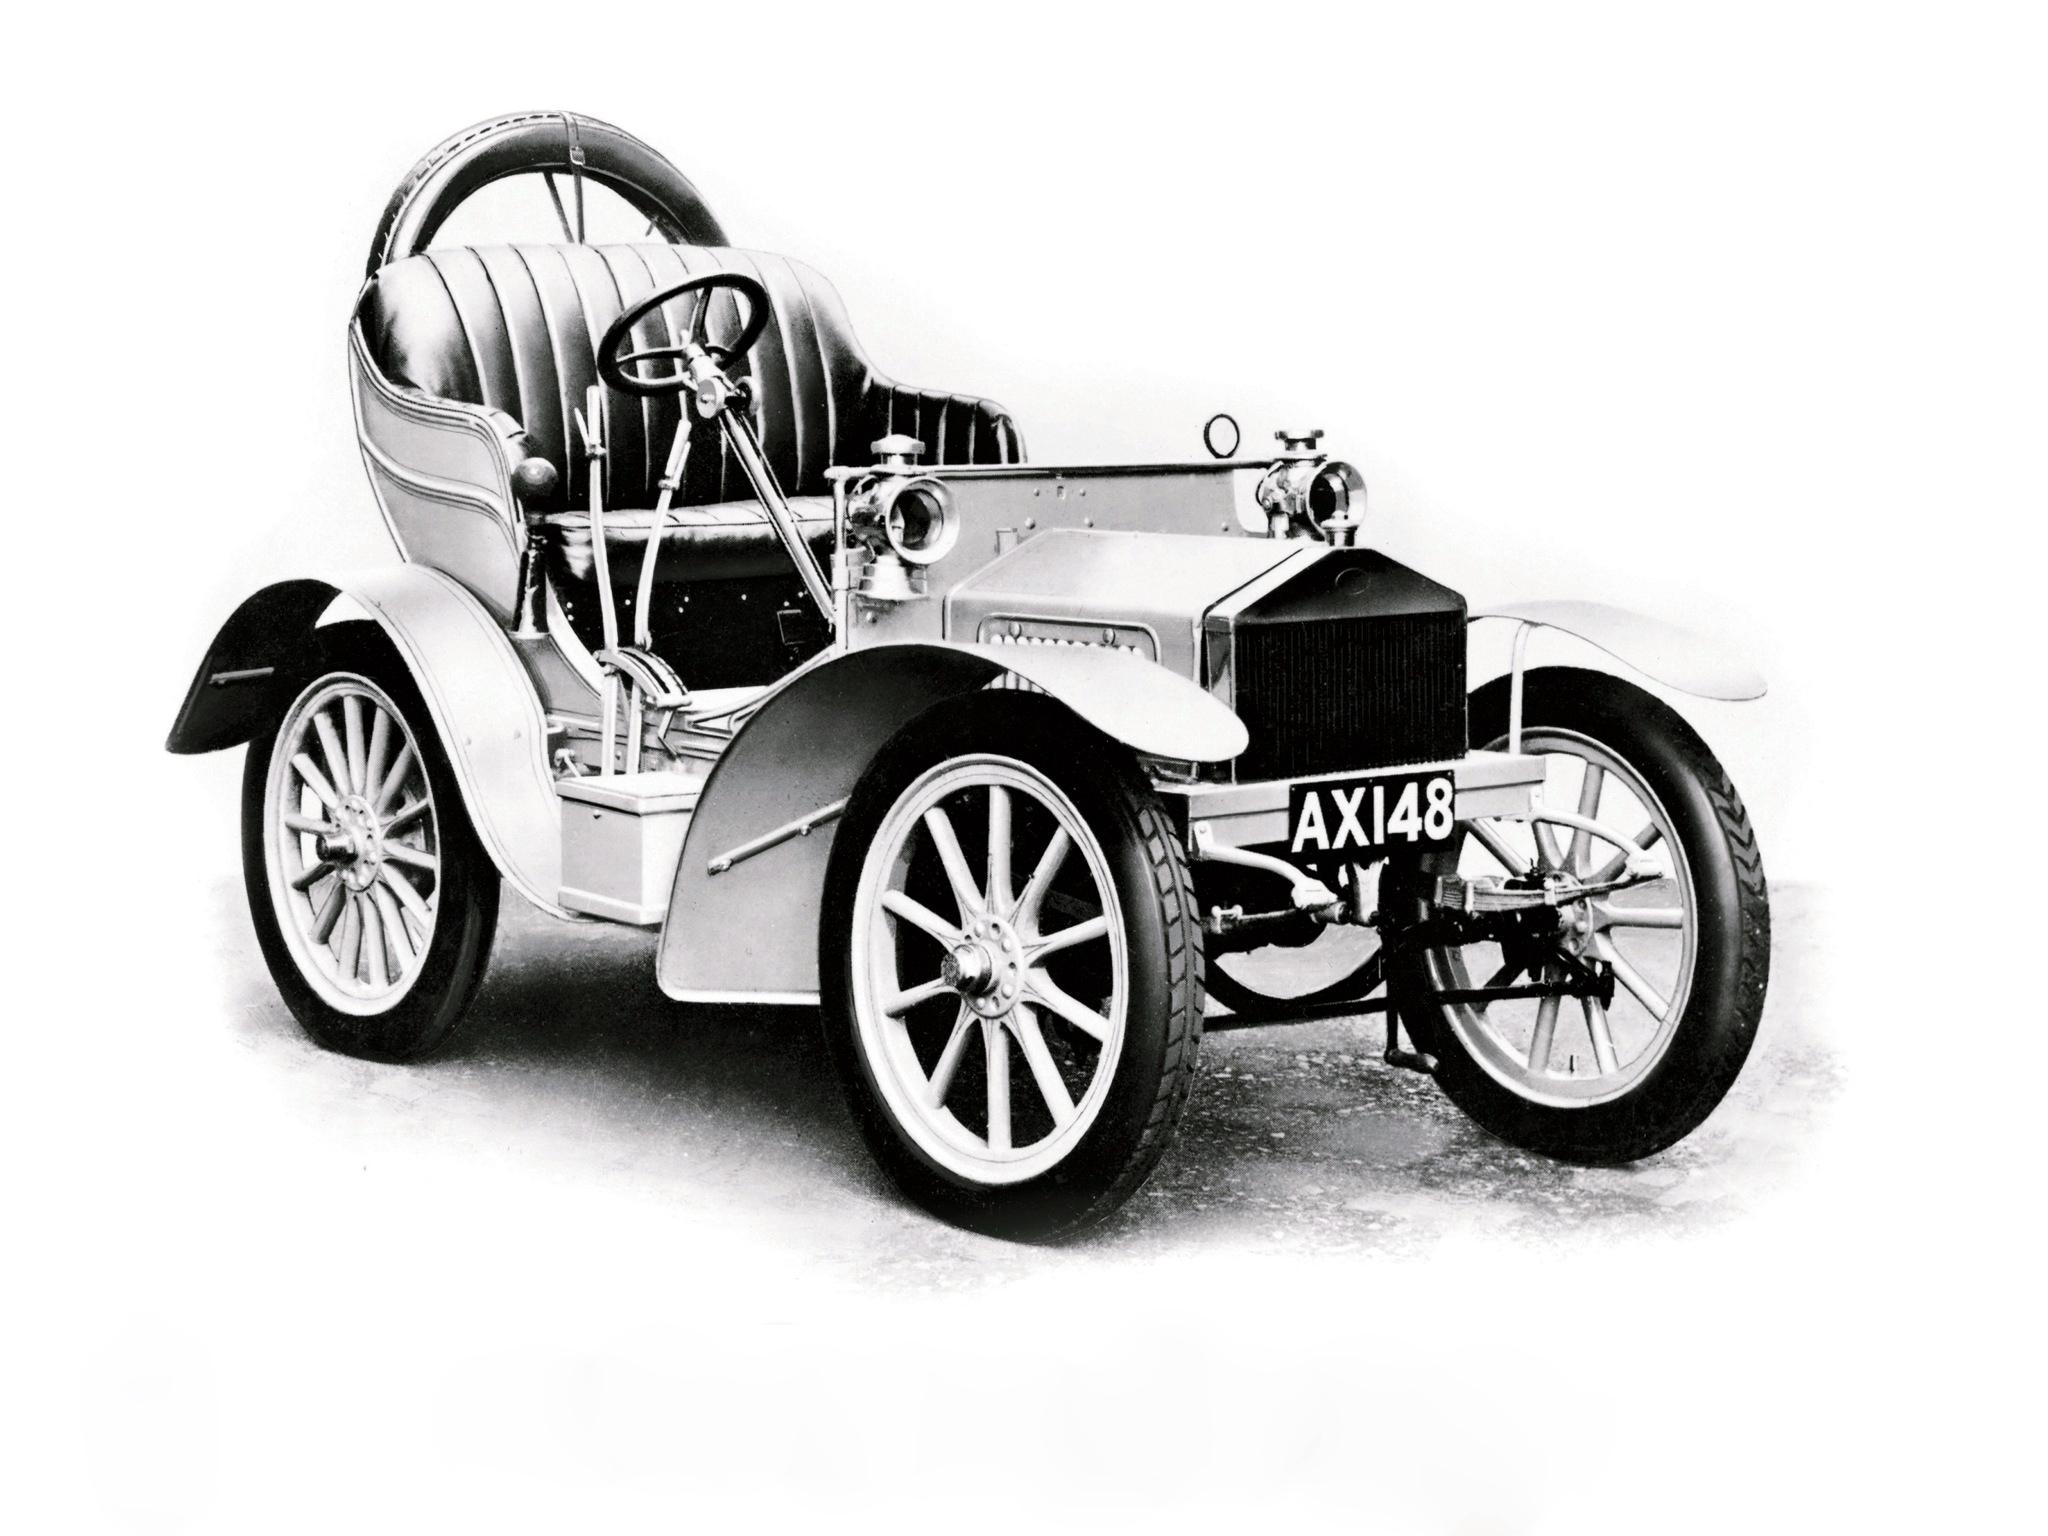 De Rolls-Royce 10hp was de eerste auto waar de namen van Rolls en Royce gezamenlijk op zaten. Foto: Rolls-Royce